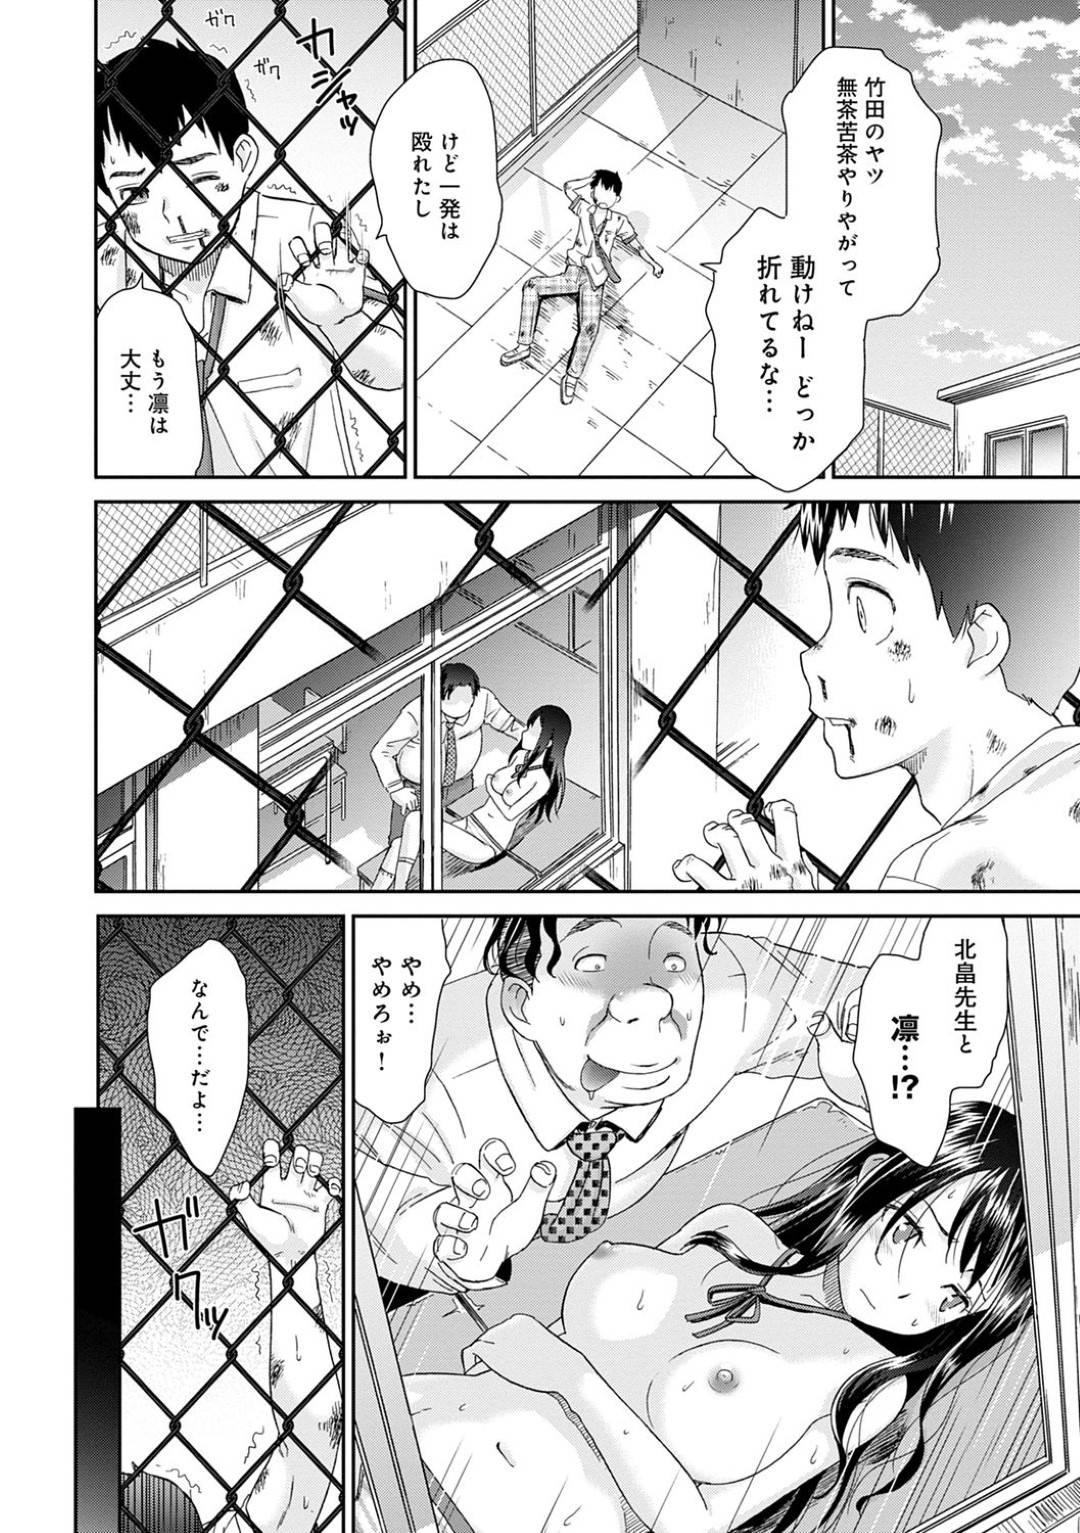 【JKレイプエロ漫画】JKは教室で彼氏を待っていると先生が現れ交際している事がバレてしまう。脅されたJKは中出しセックスでレイプされ孕ませられる【桃之助】